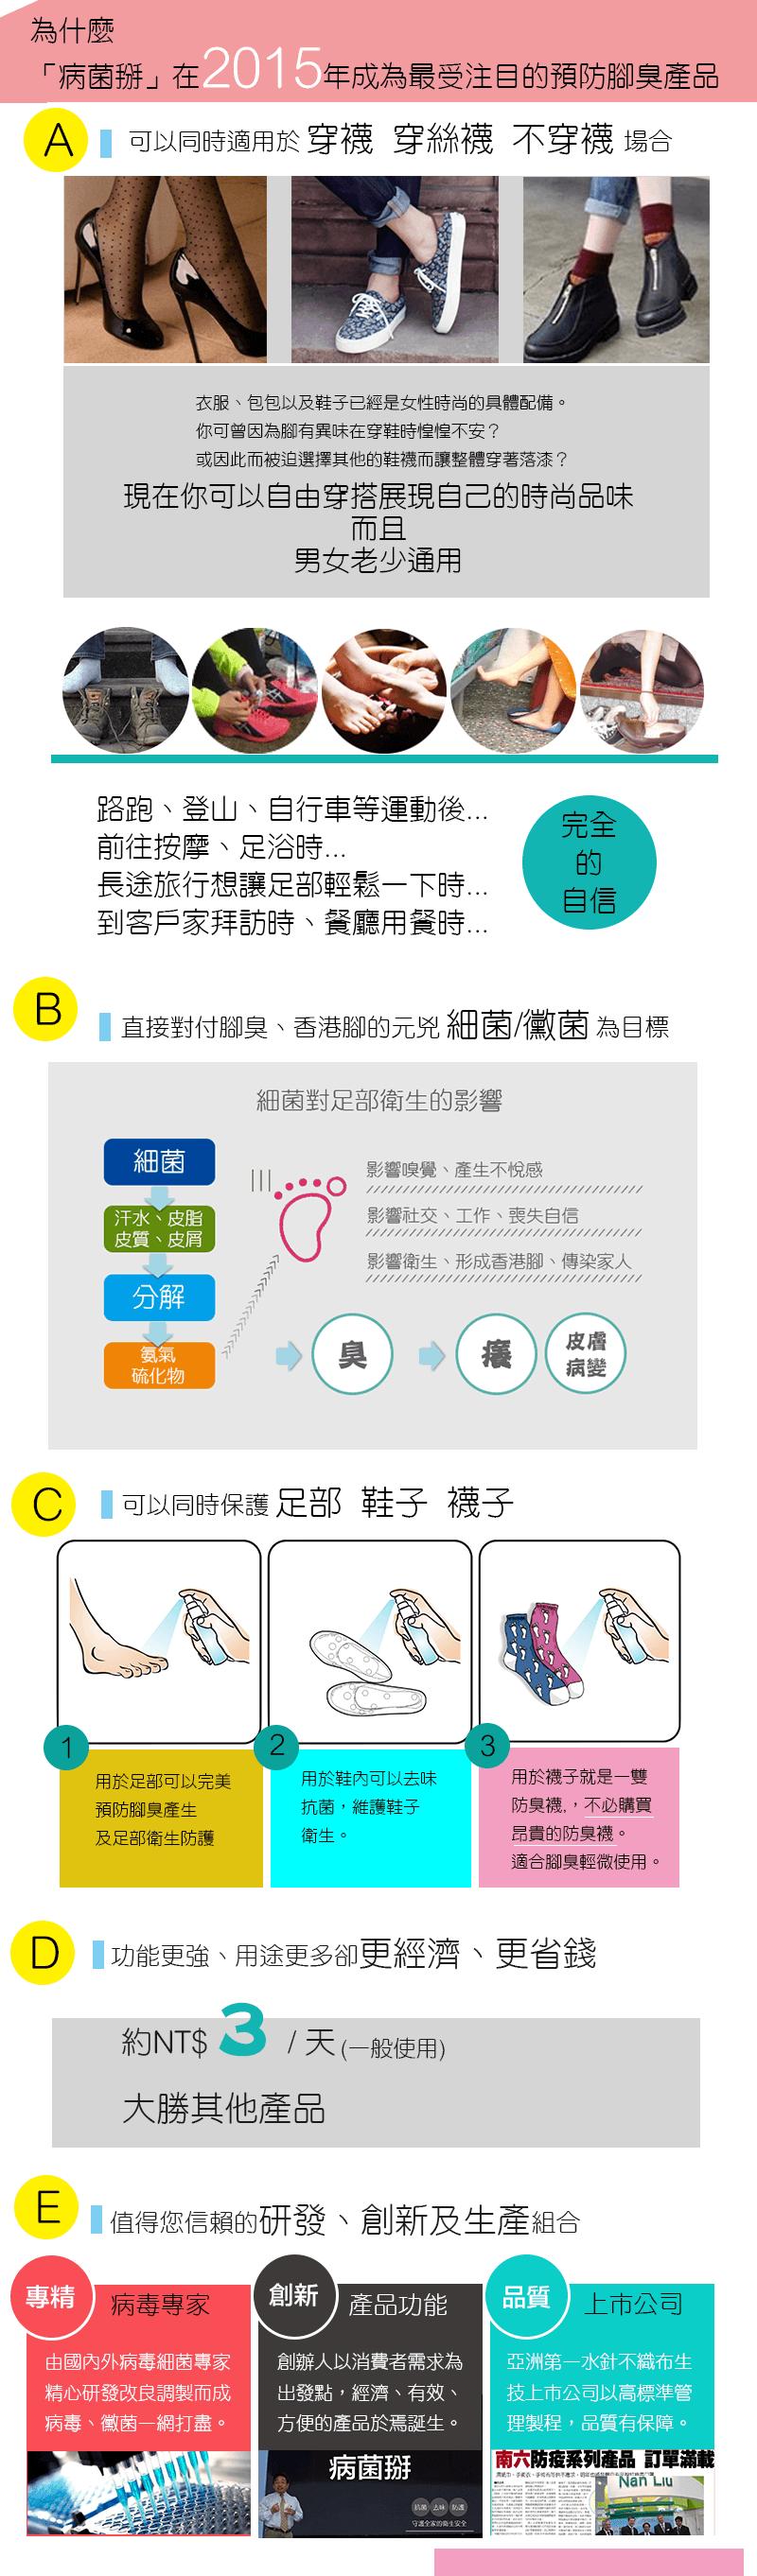 footodor201601_2-2